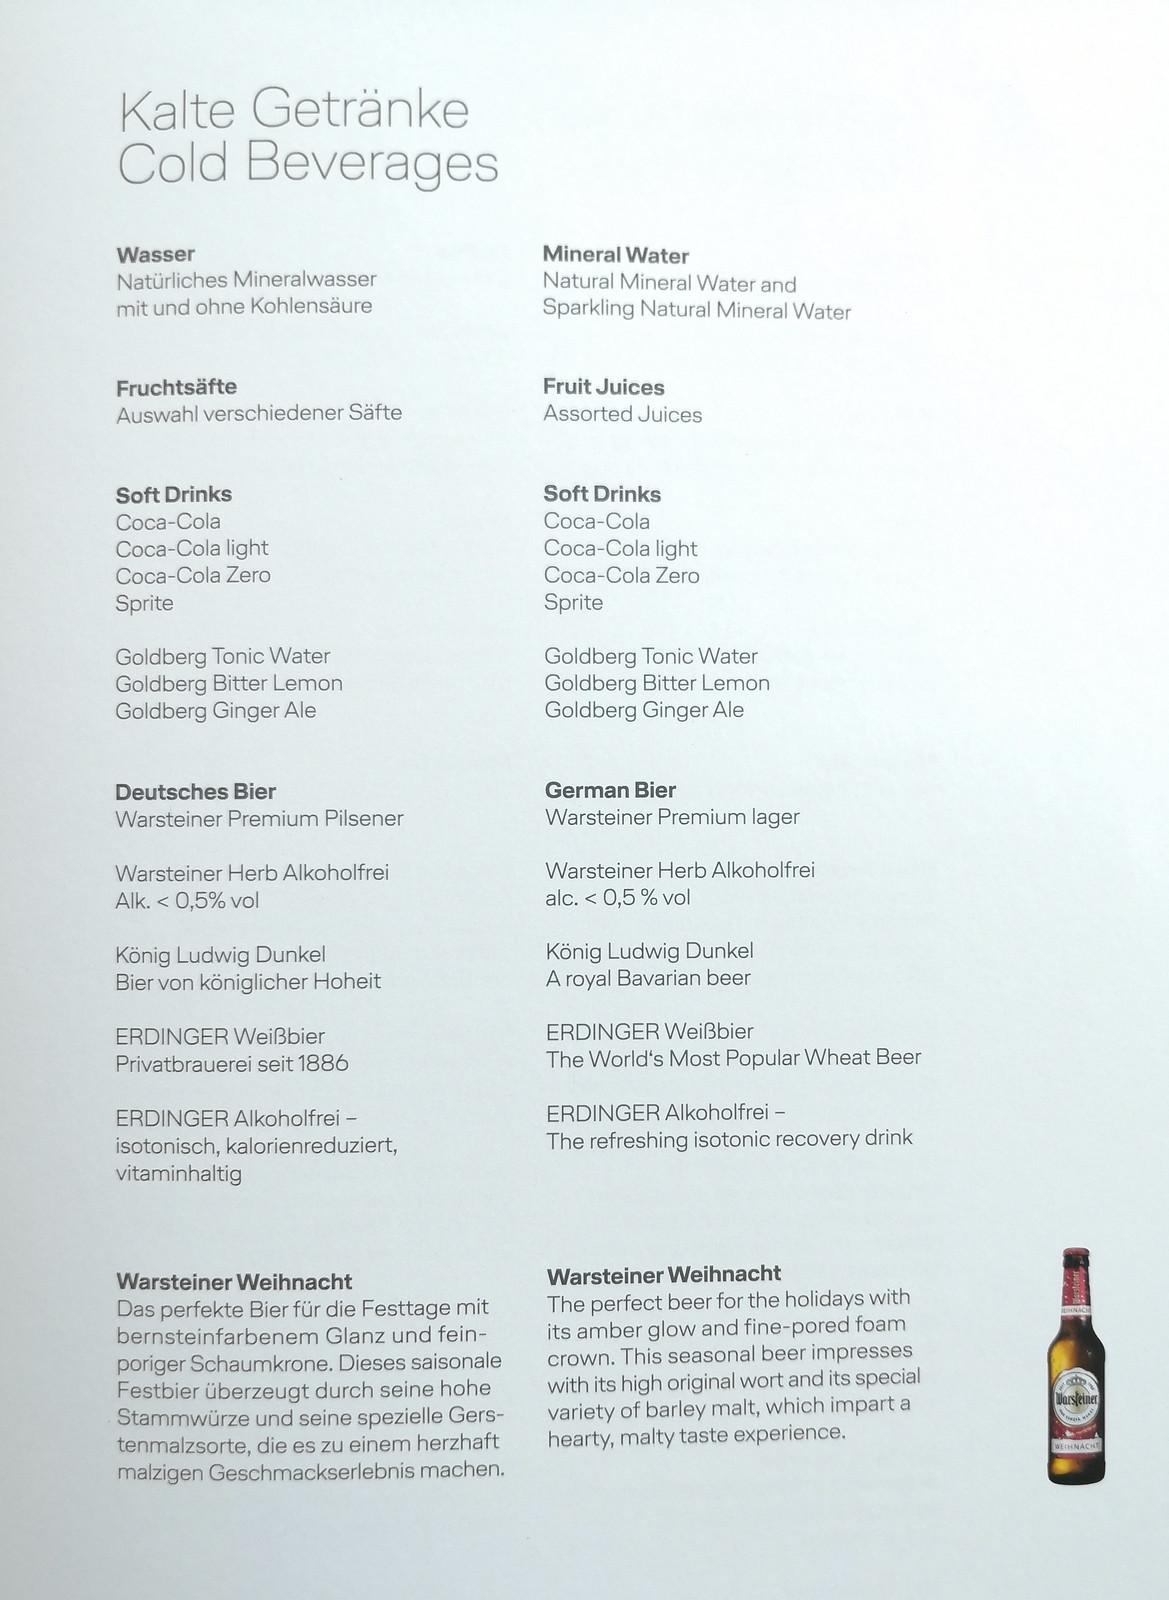 Cold beverage list